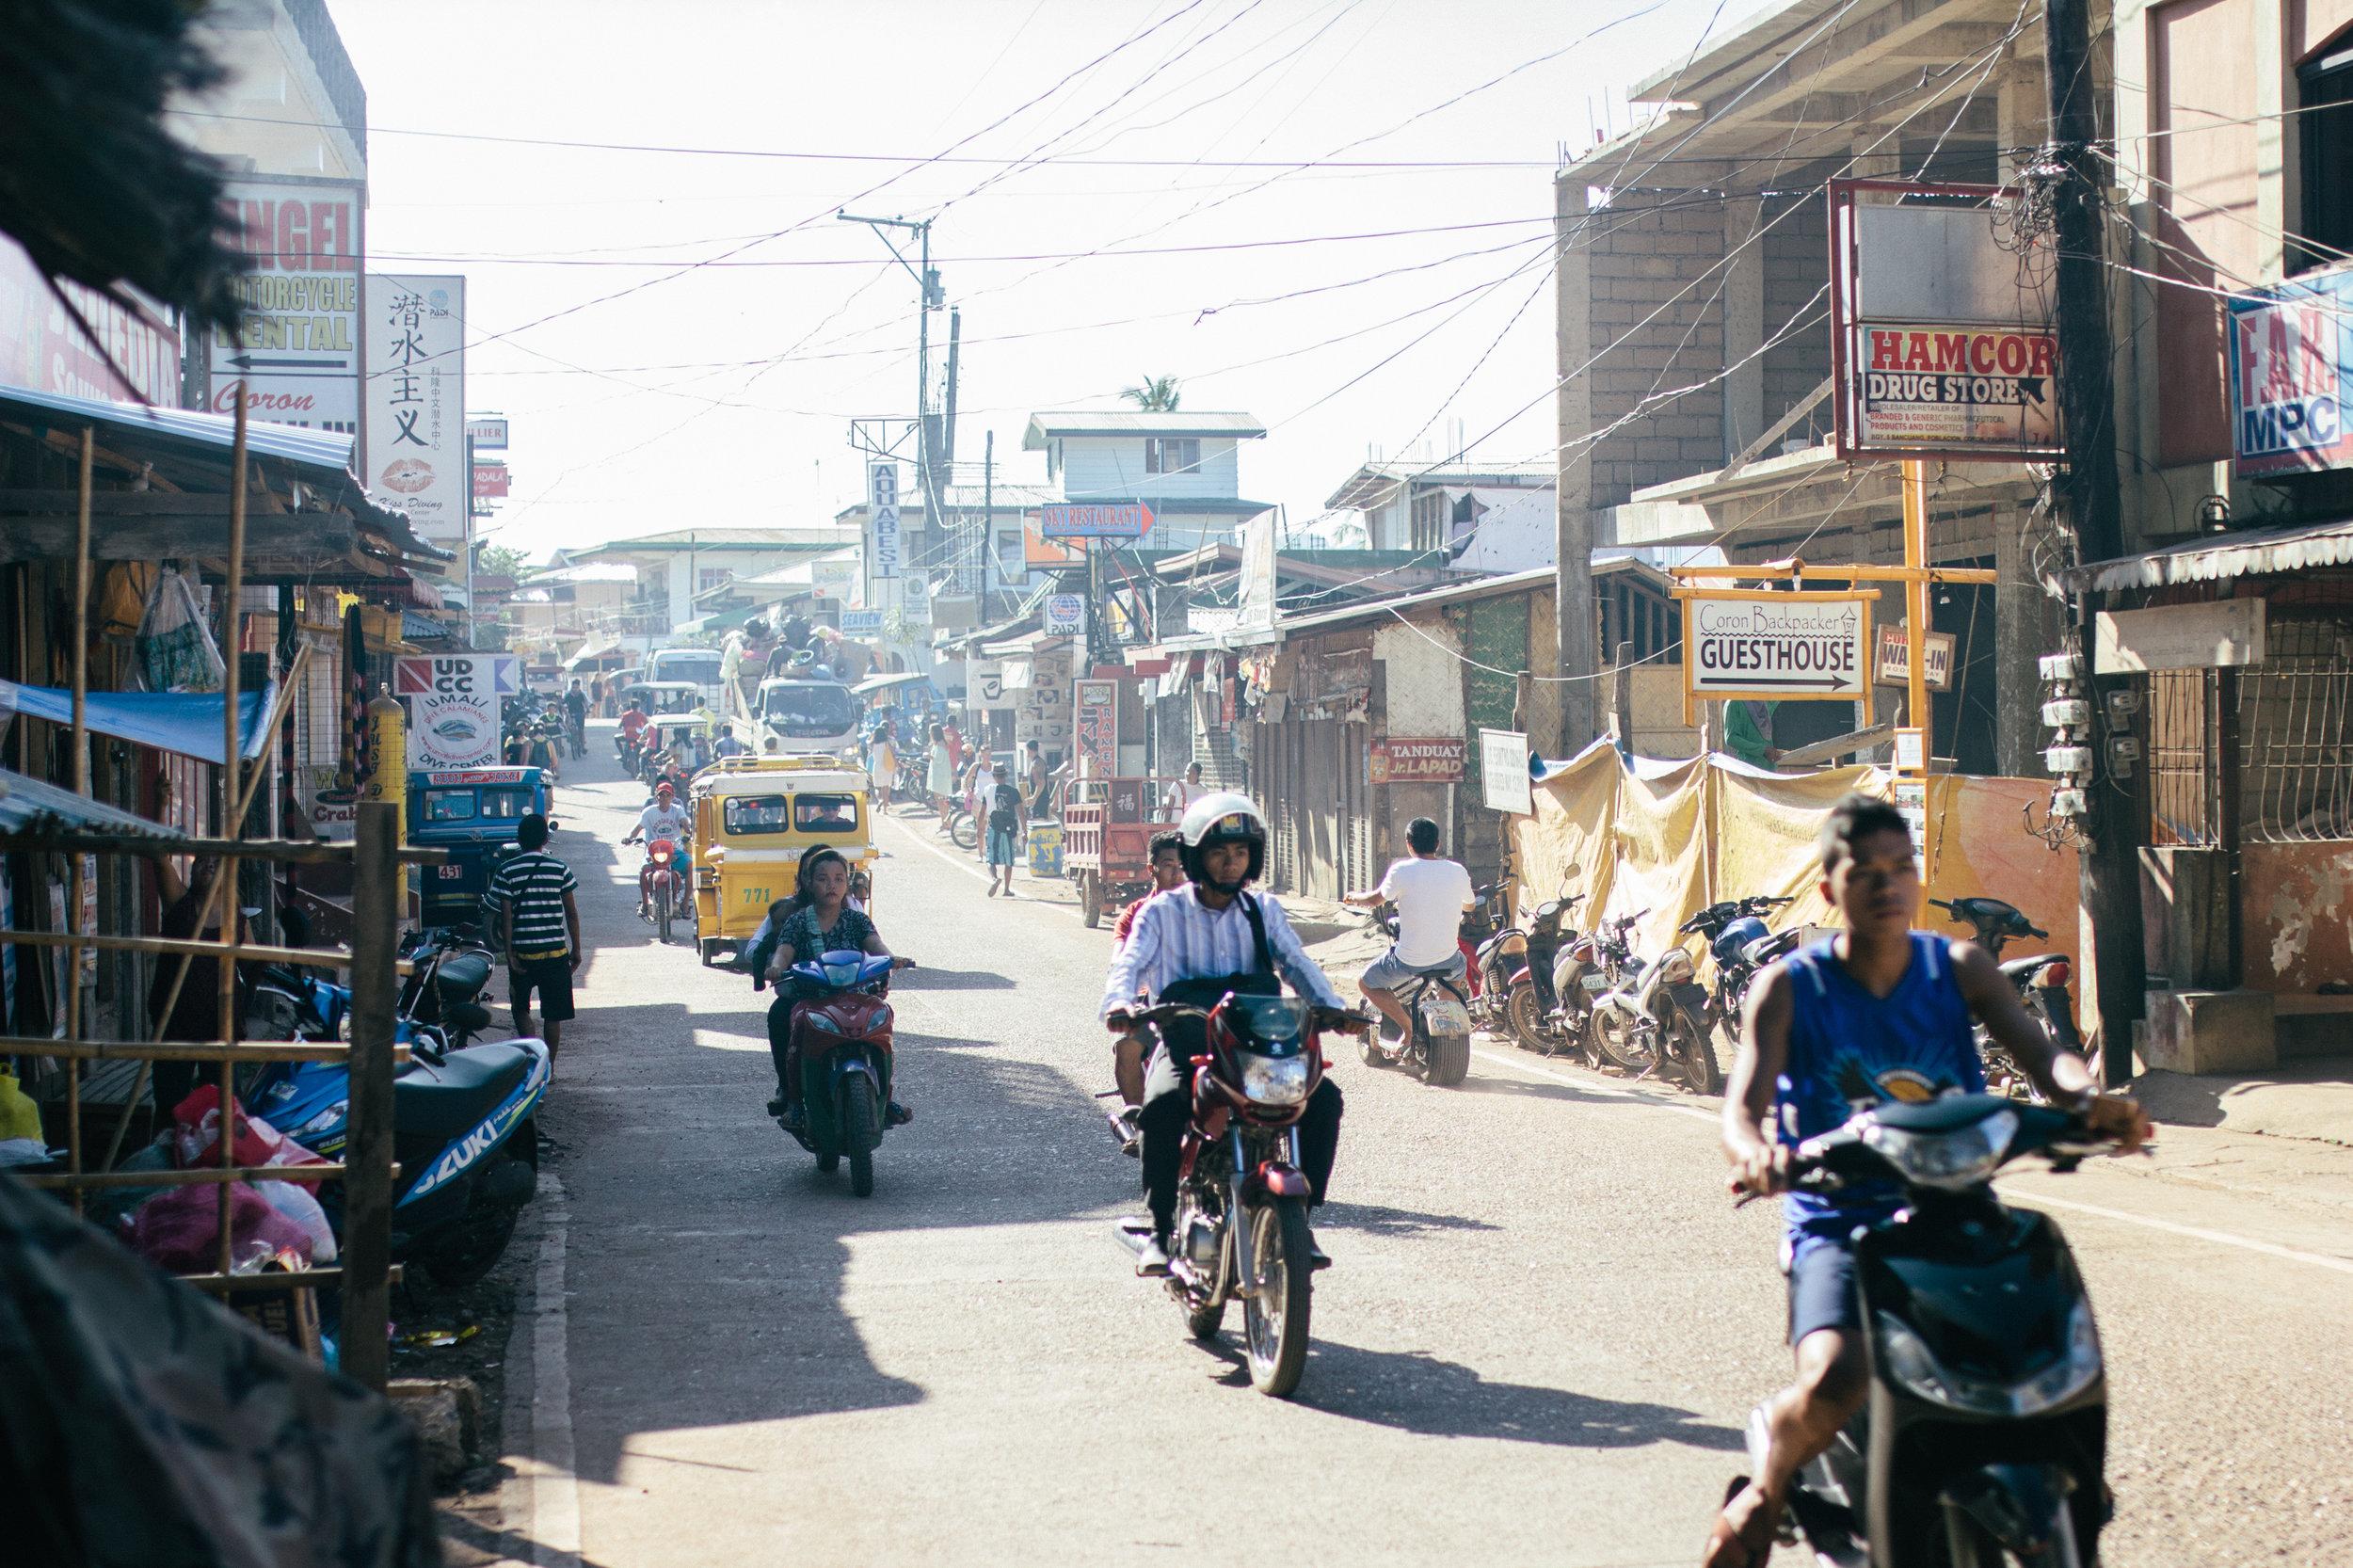 coron-ville-philippines.jpg